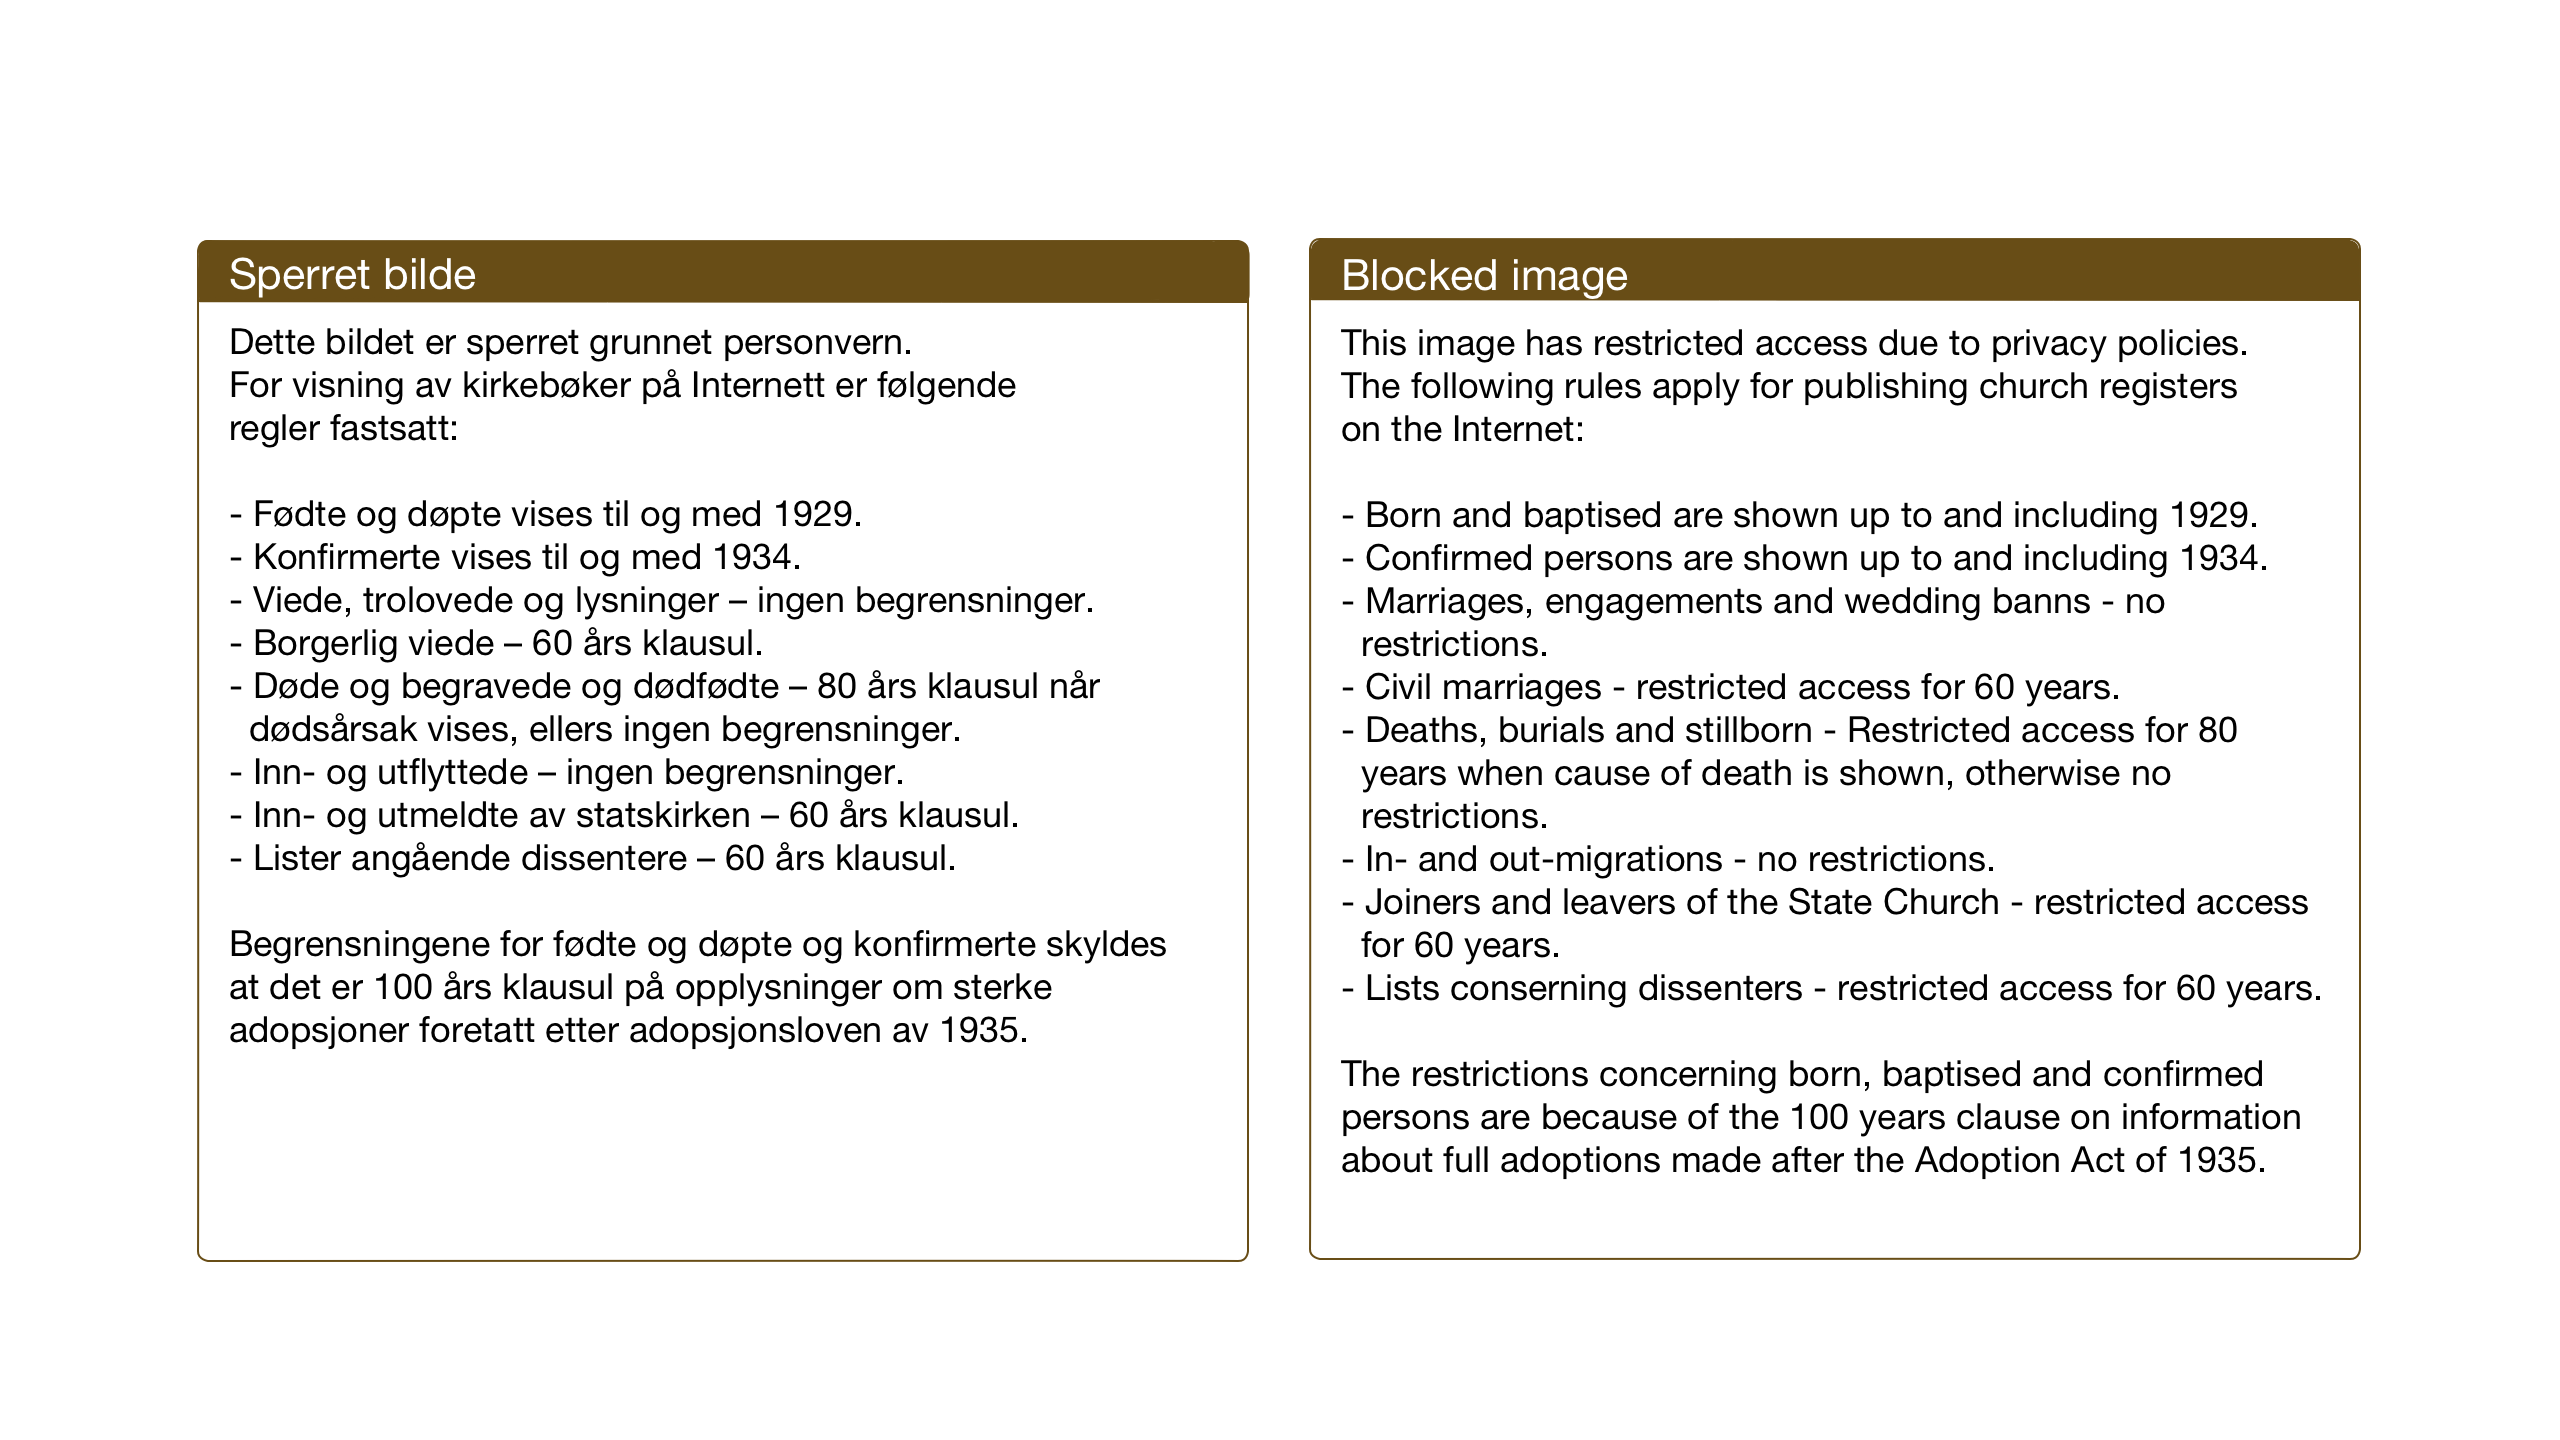 SAT, Ministerialprotokoller, klokkerbøker og fødselsregistre - Nord-Trøndelag, 773/L0625: Klokkerbok nr. 773C01, 1910-1952, s. 94